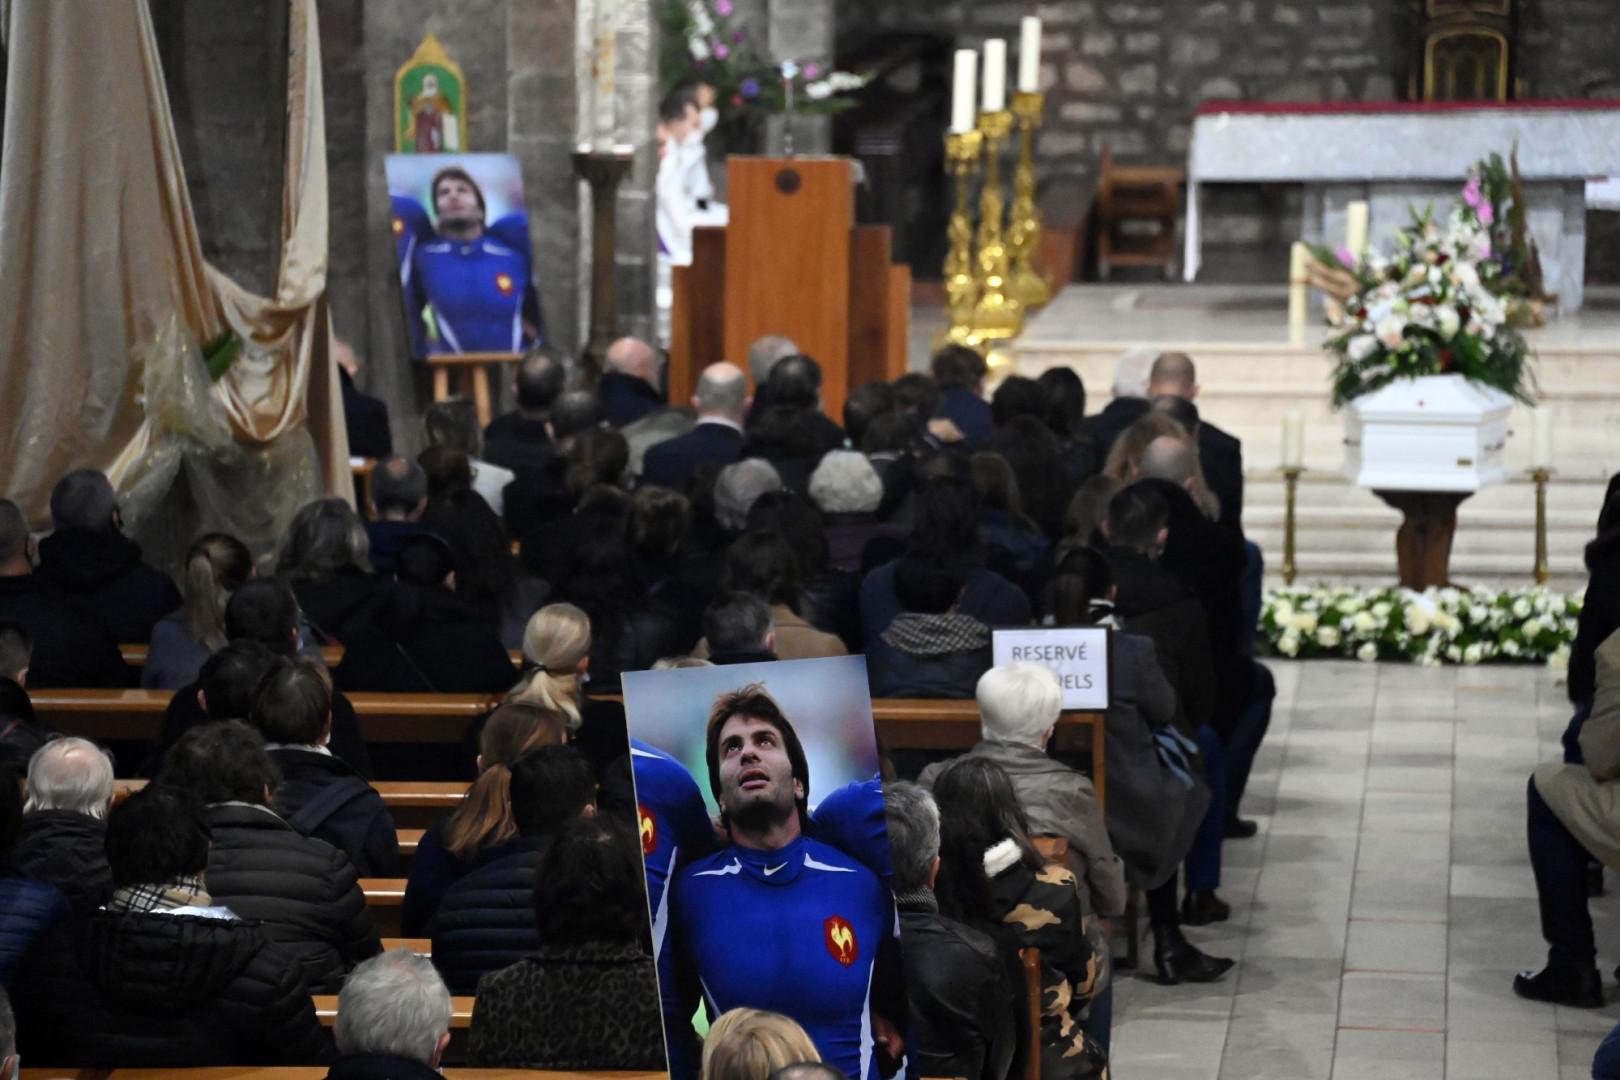 4 décembre : le cercueil de Christophe Dominici, décédé 10 jours plus tôt, dans l'église de Hyères (Var)